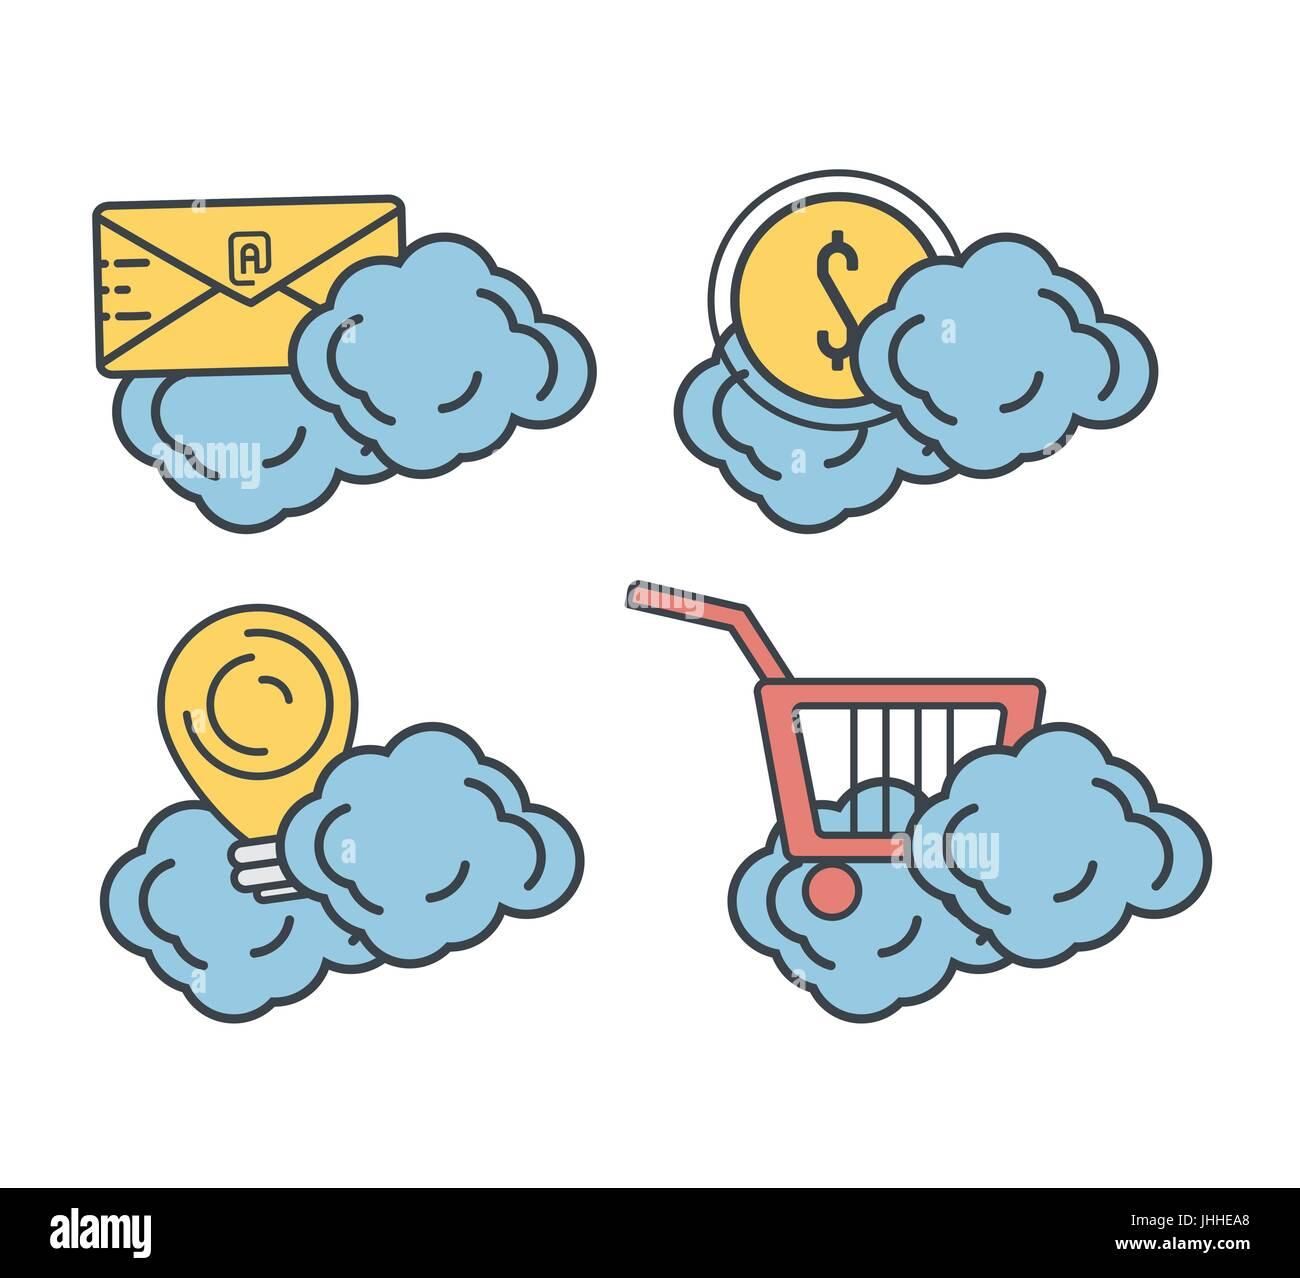 Impostare le informazioni sulla tecnologia cloud con servizio dati Immagini Stock